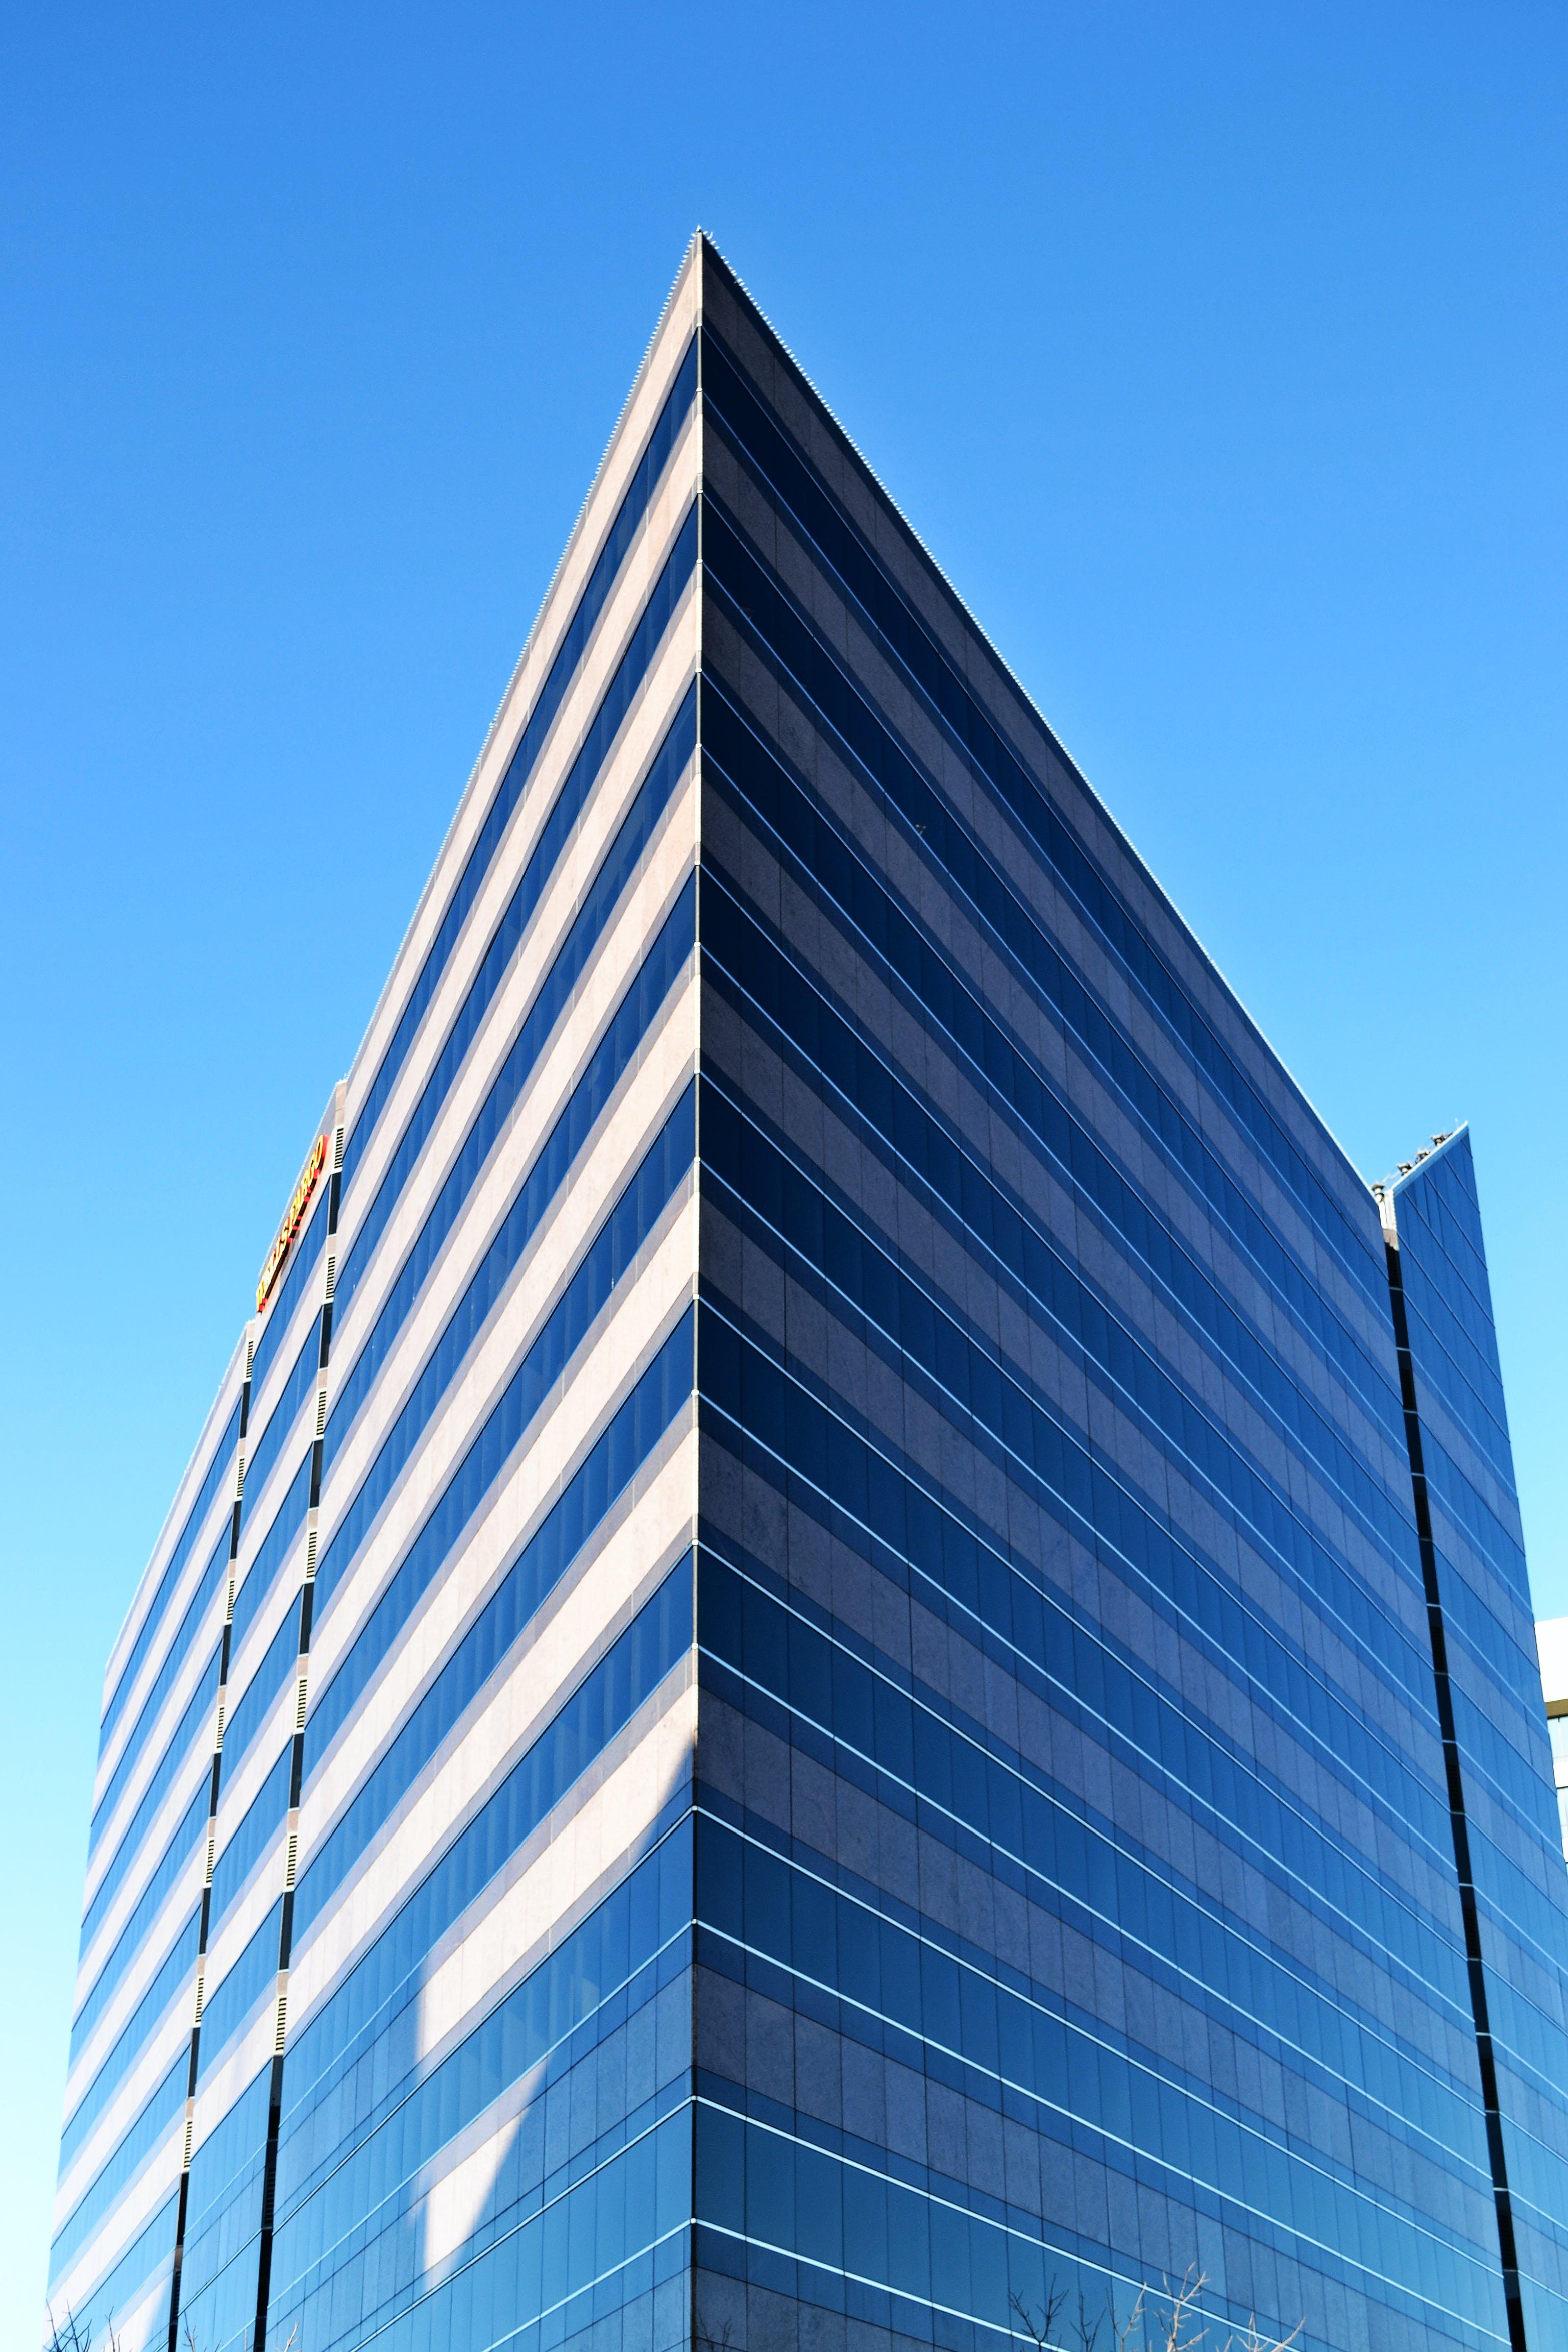 Fotos de stock gratuitas de acero, arquitectura, artículos de cristal, cielo azul